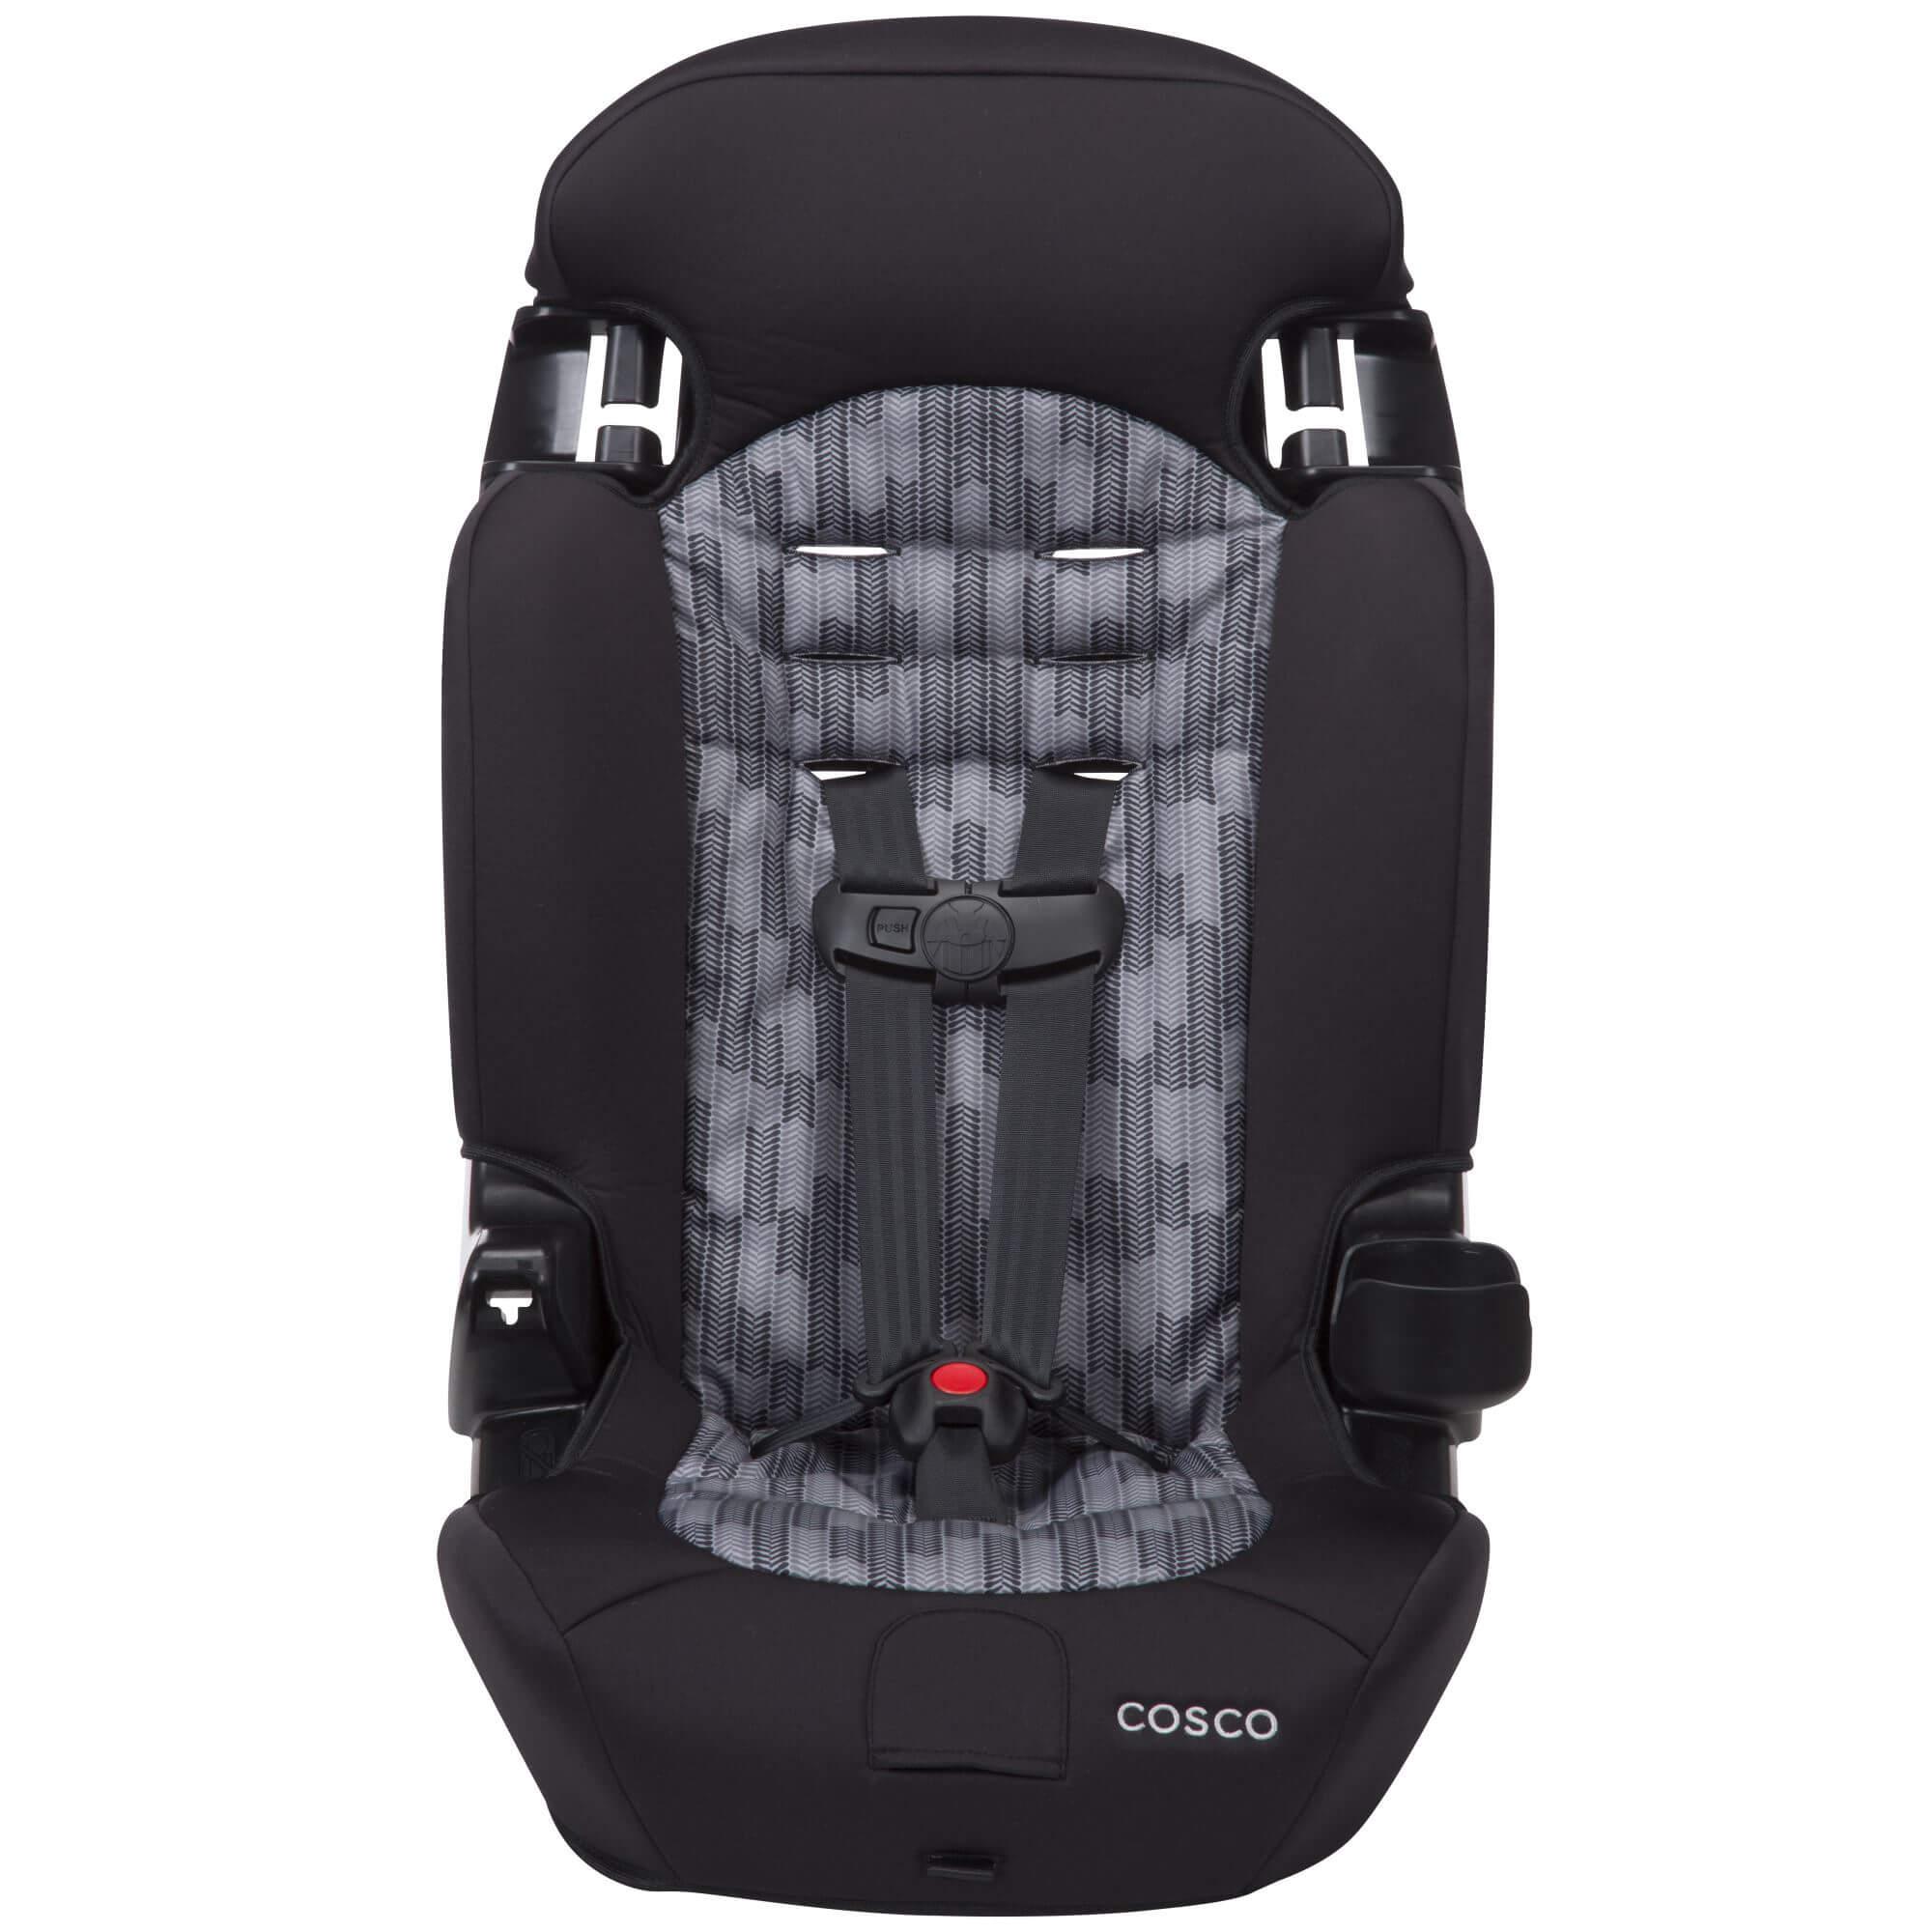 כיסא בטיחות לילד פינאלה FINALE קוסקו COSCOשחור